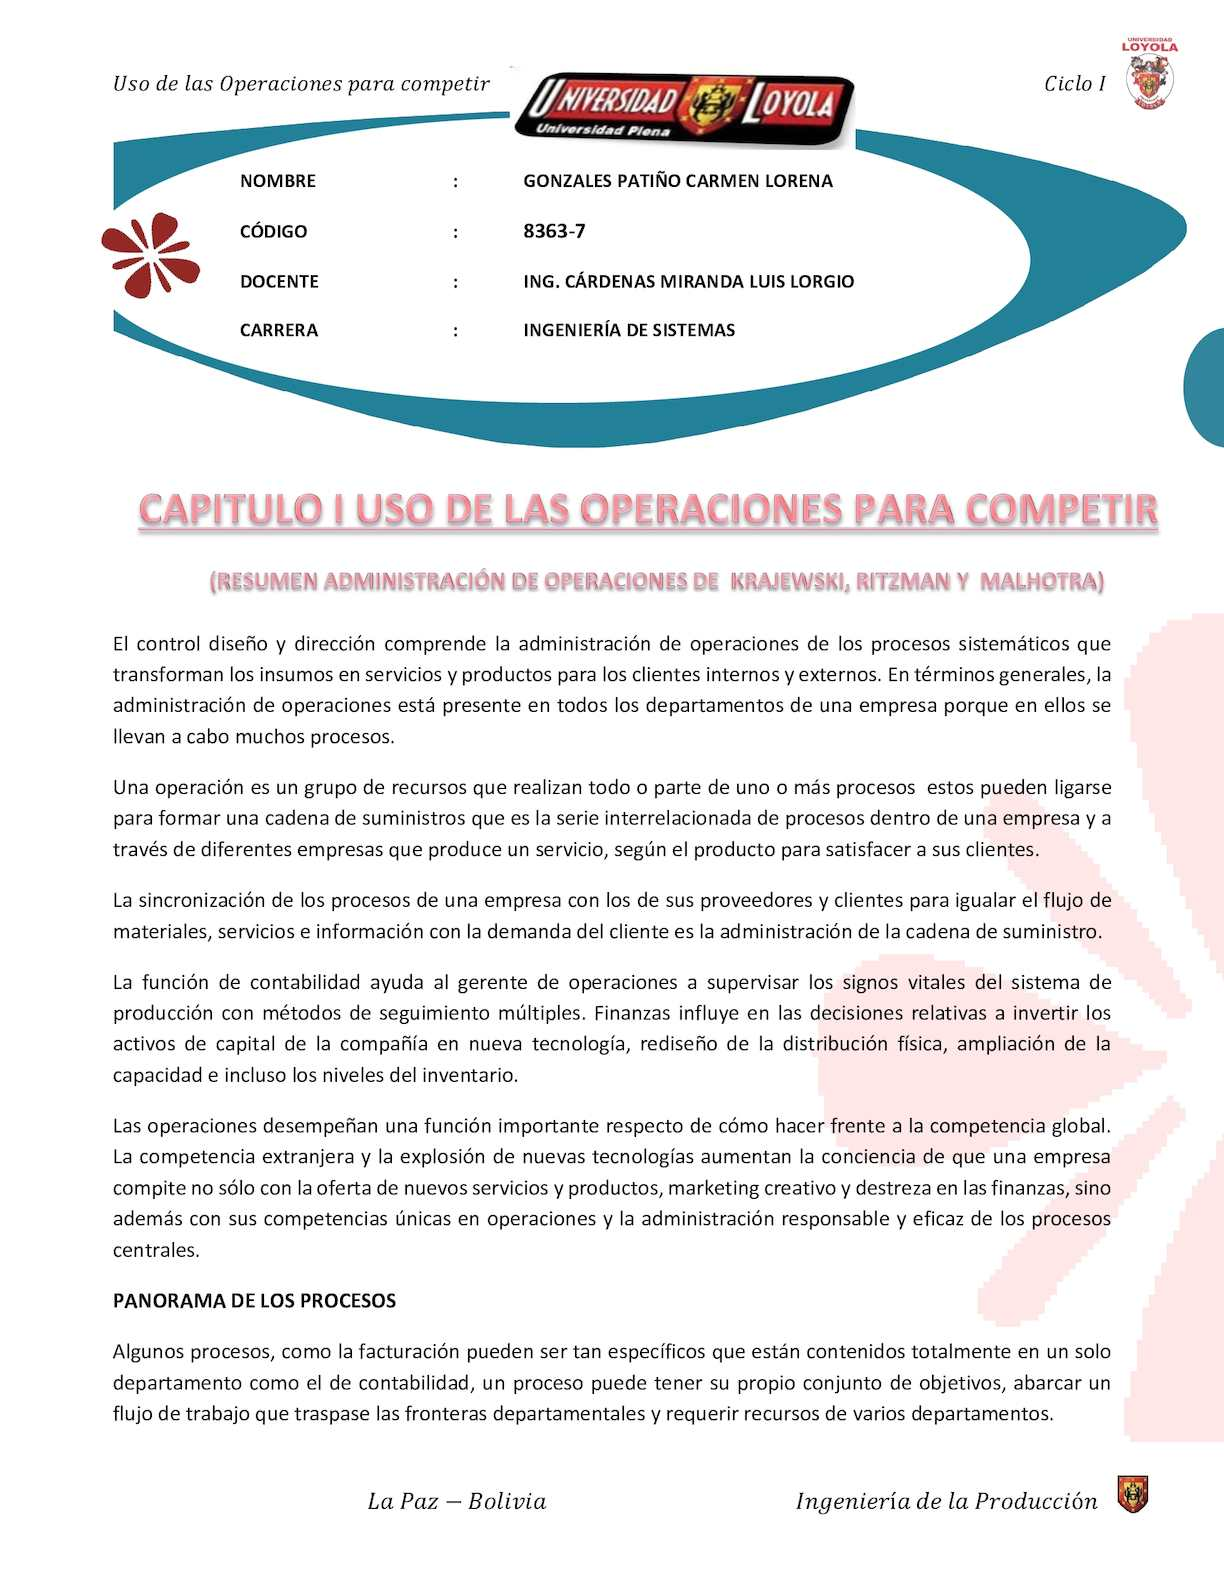 Calaméo - Resumen Uso De Las Operaciones Para Competir